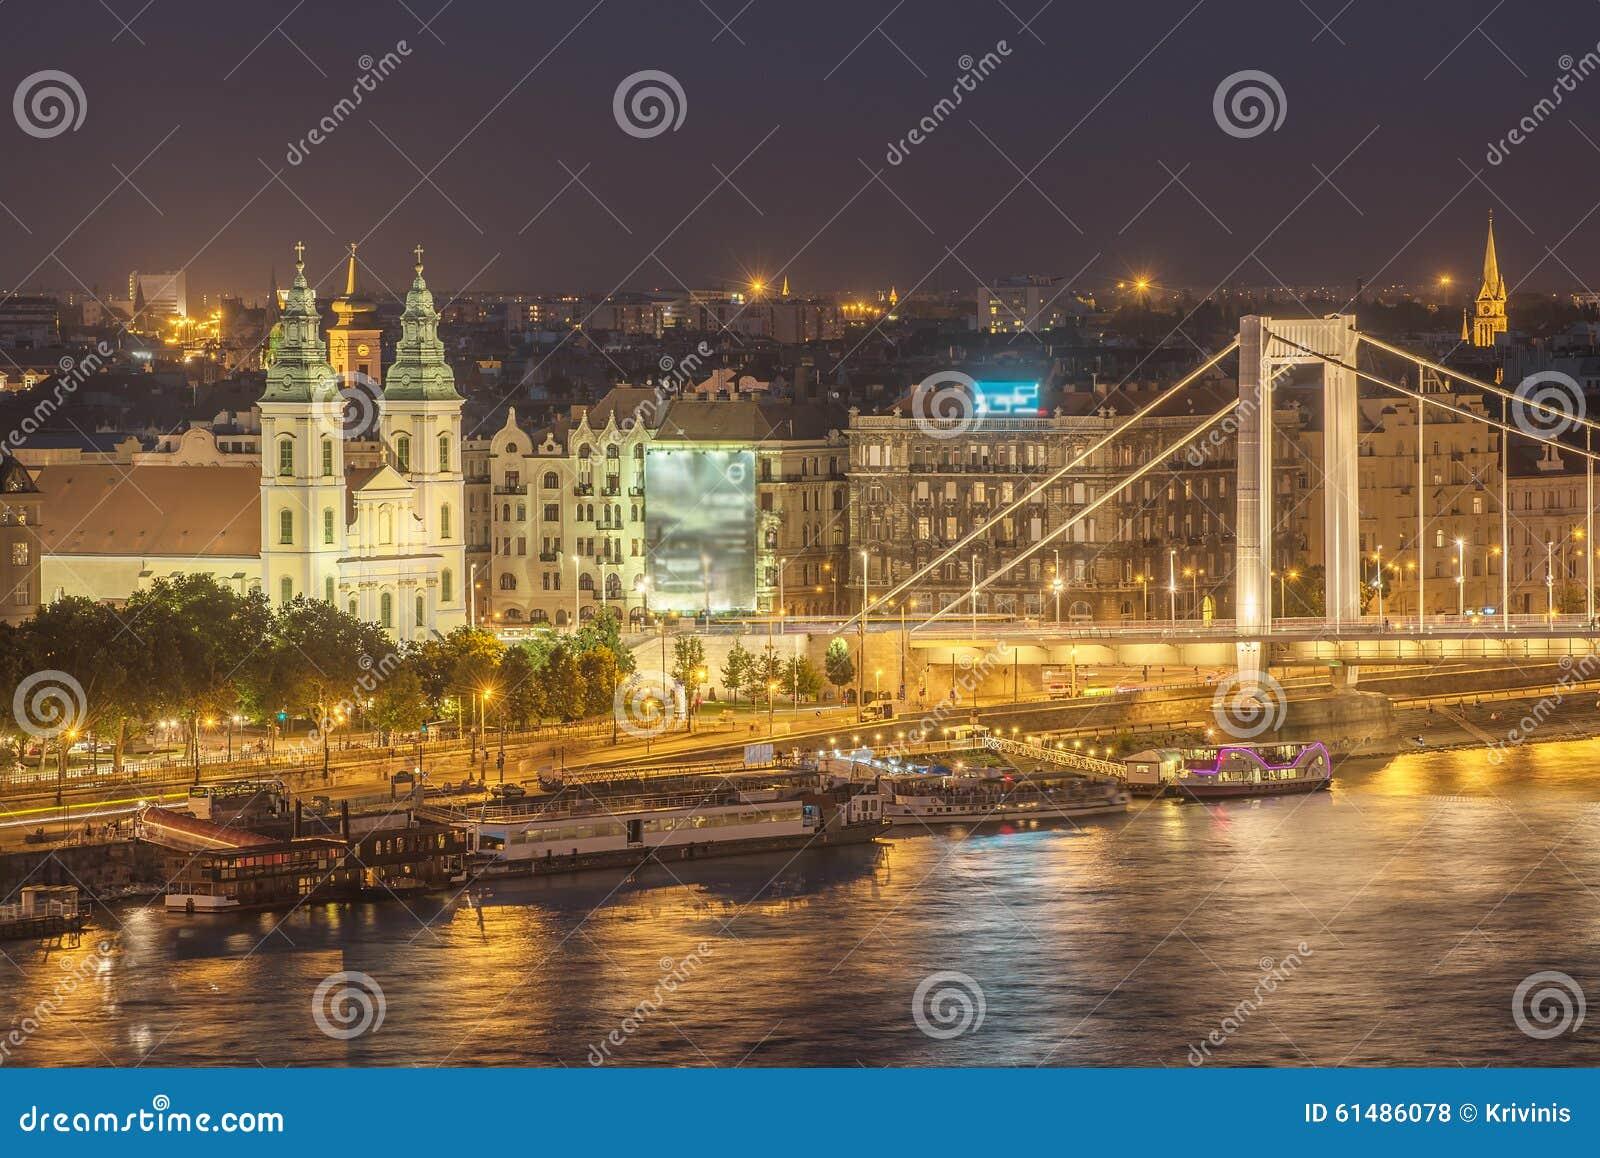 luftnachtansicht von budapest hauptstadt von ungarn stockfoto bild 61486078. Black Bedroom Furniture Sets. Home Design Ideas